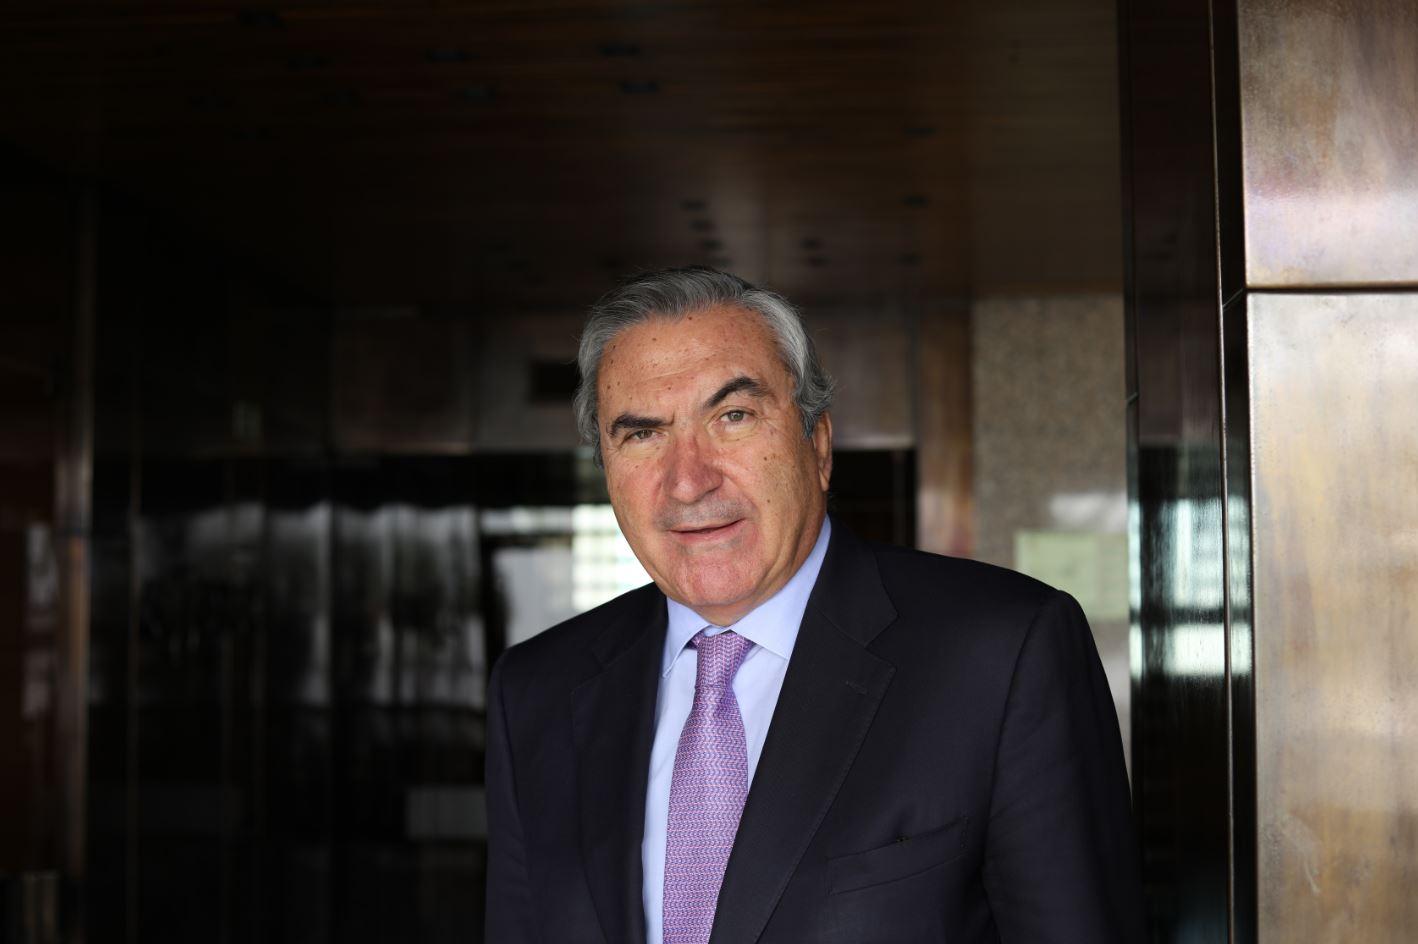 Raul Martins, presidente da Associação da Hotelaria de Portugal (AHP).